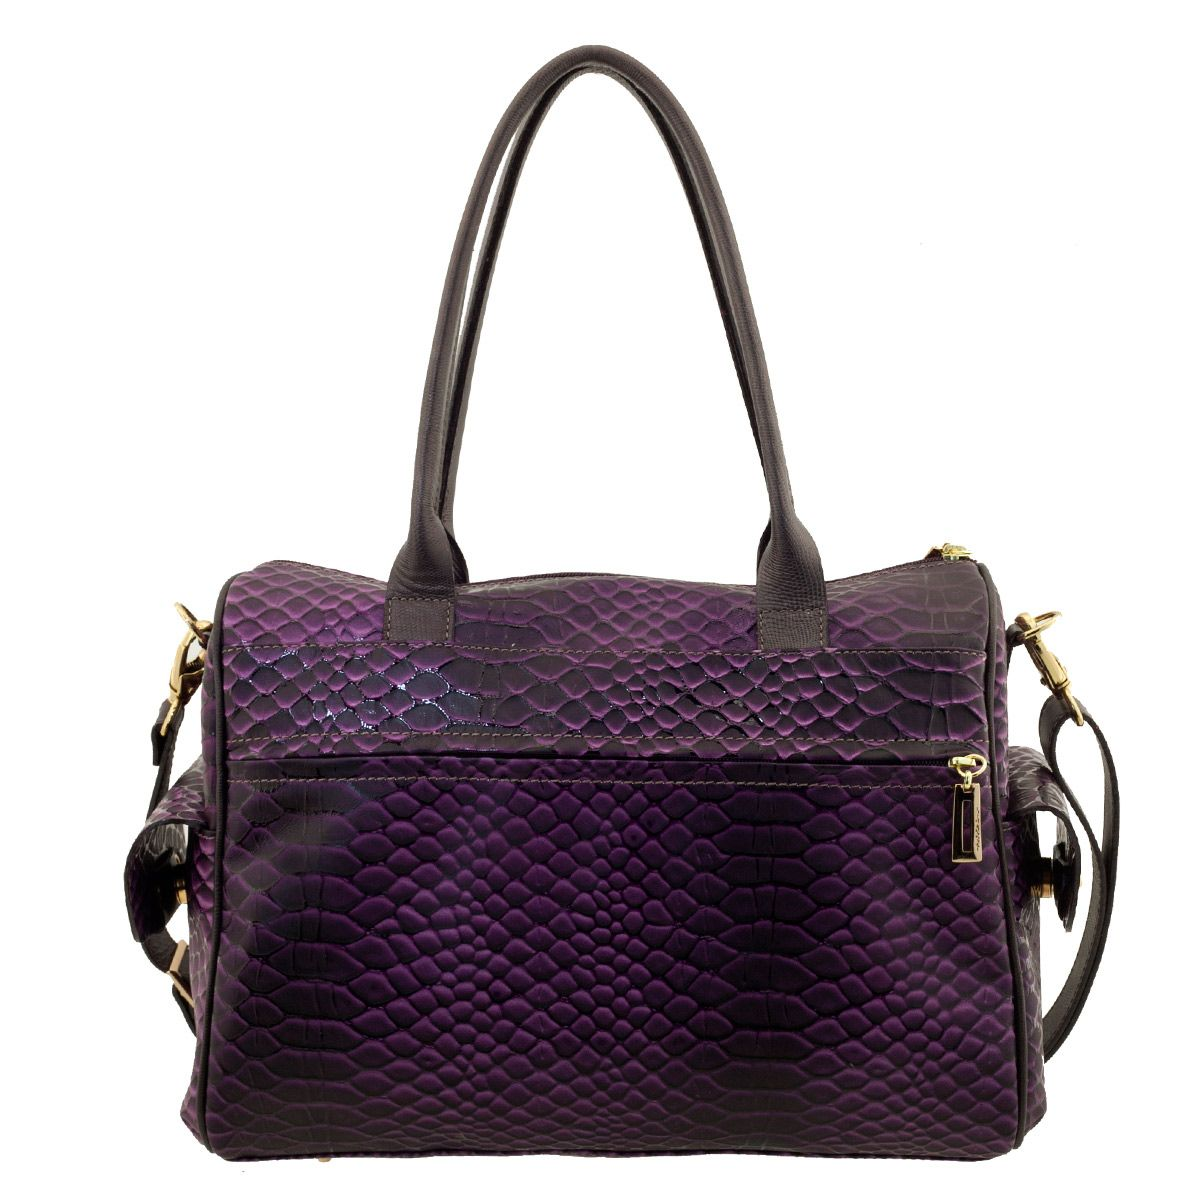 Bolsa De Couro Wow : Bolsa em couro com bolso roxo